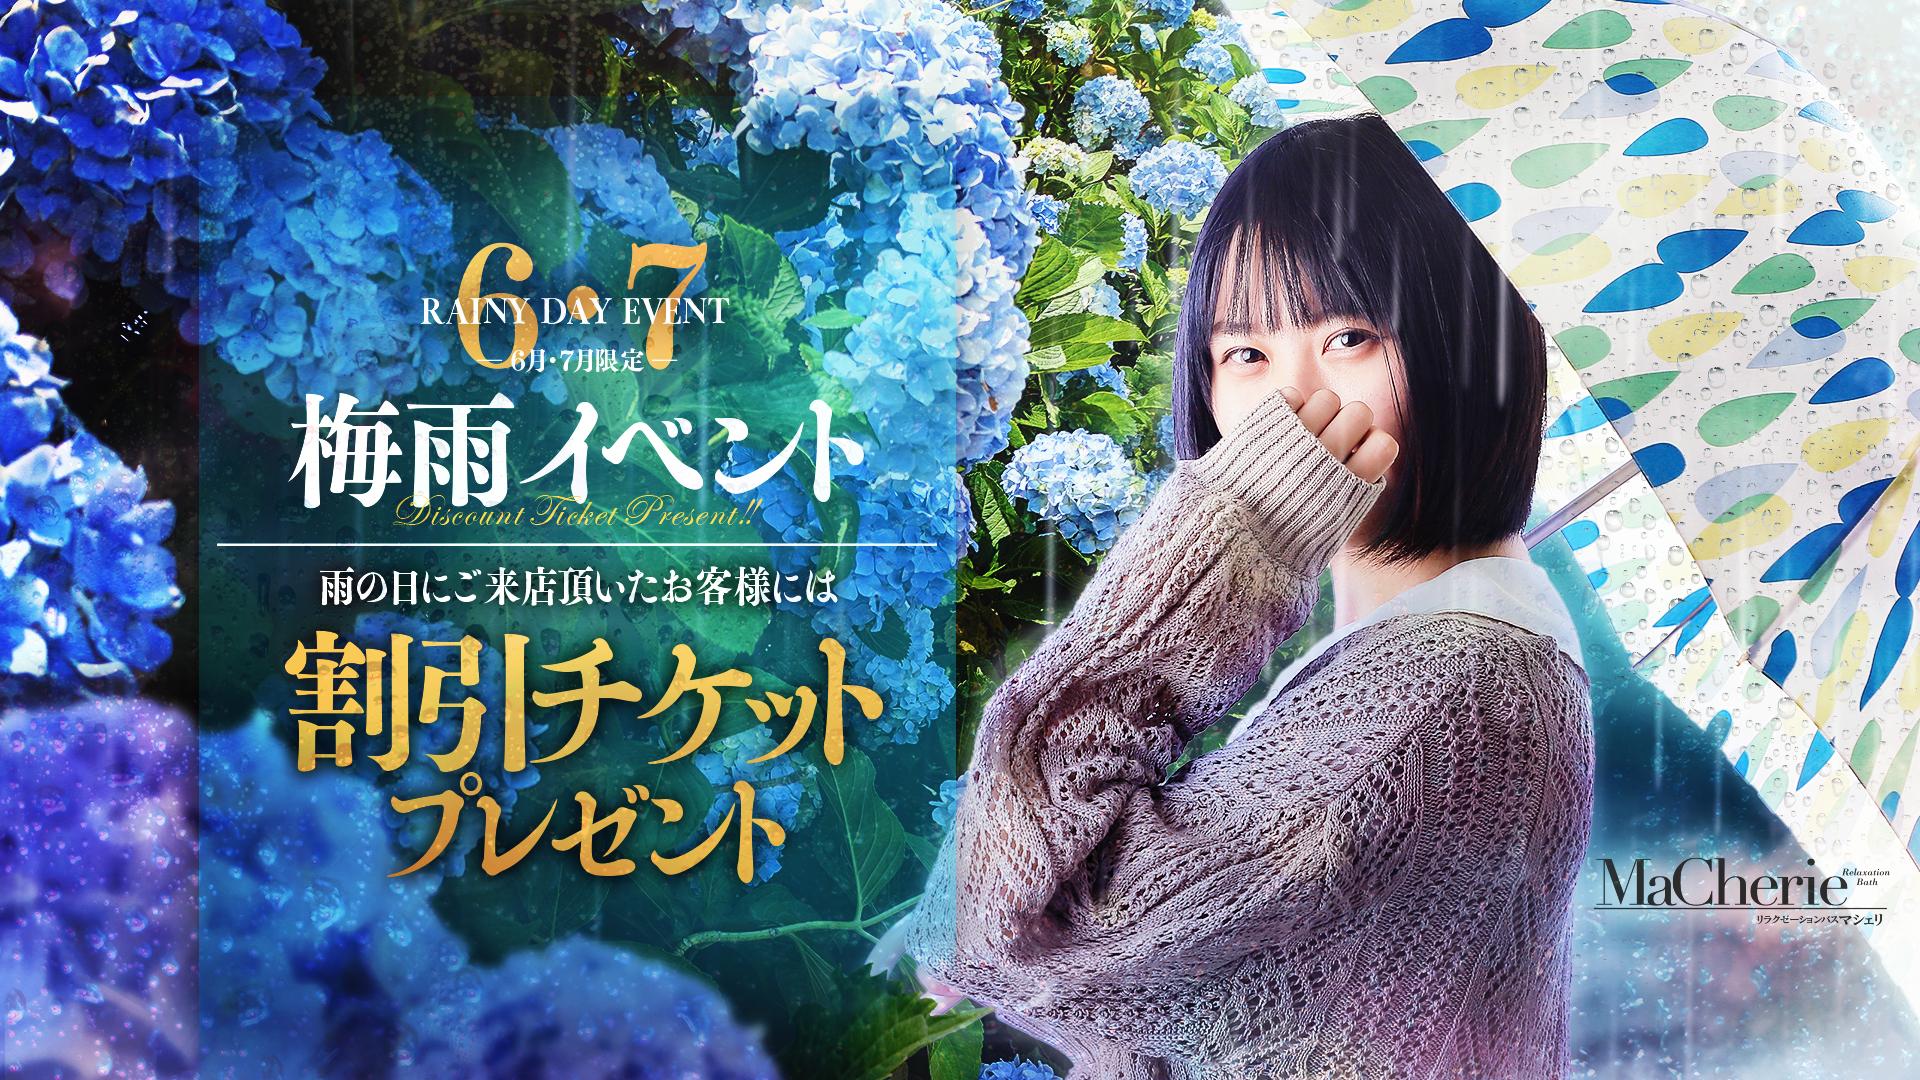 中洲風俗 ソープランド【MaCherie - マシェリ -】梅雨イベント!!割引チケットプレゼント